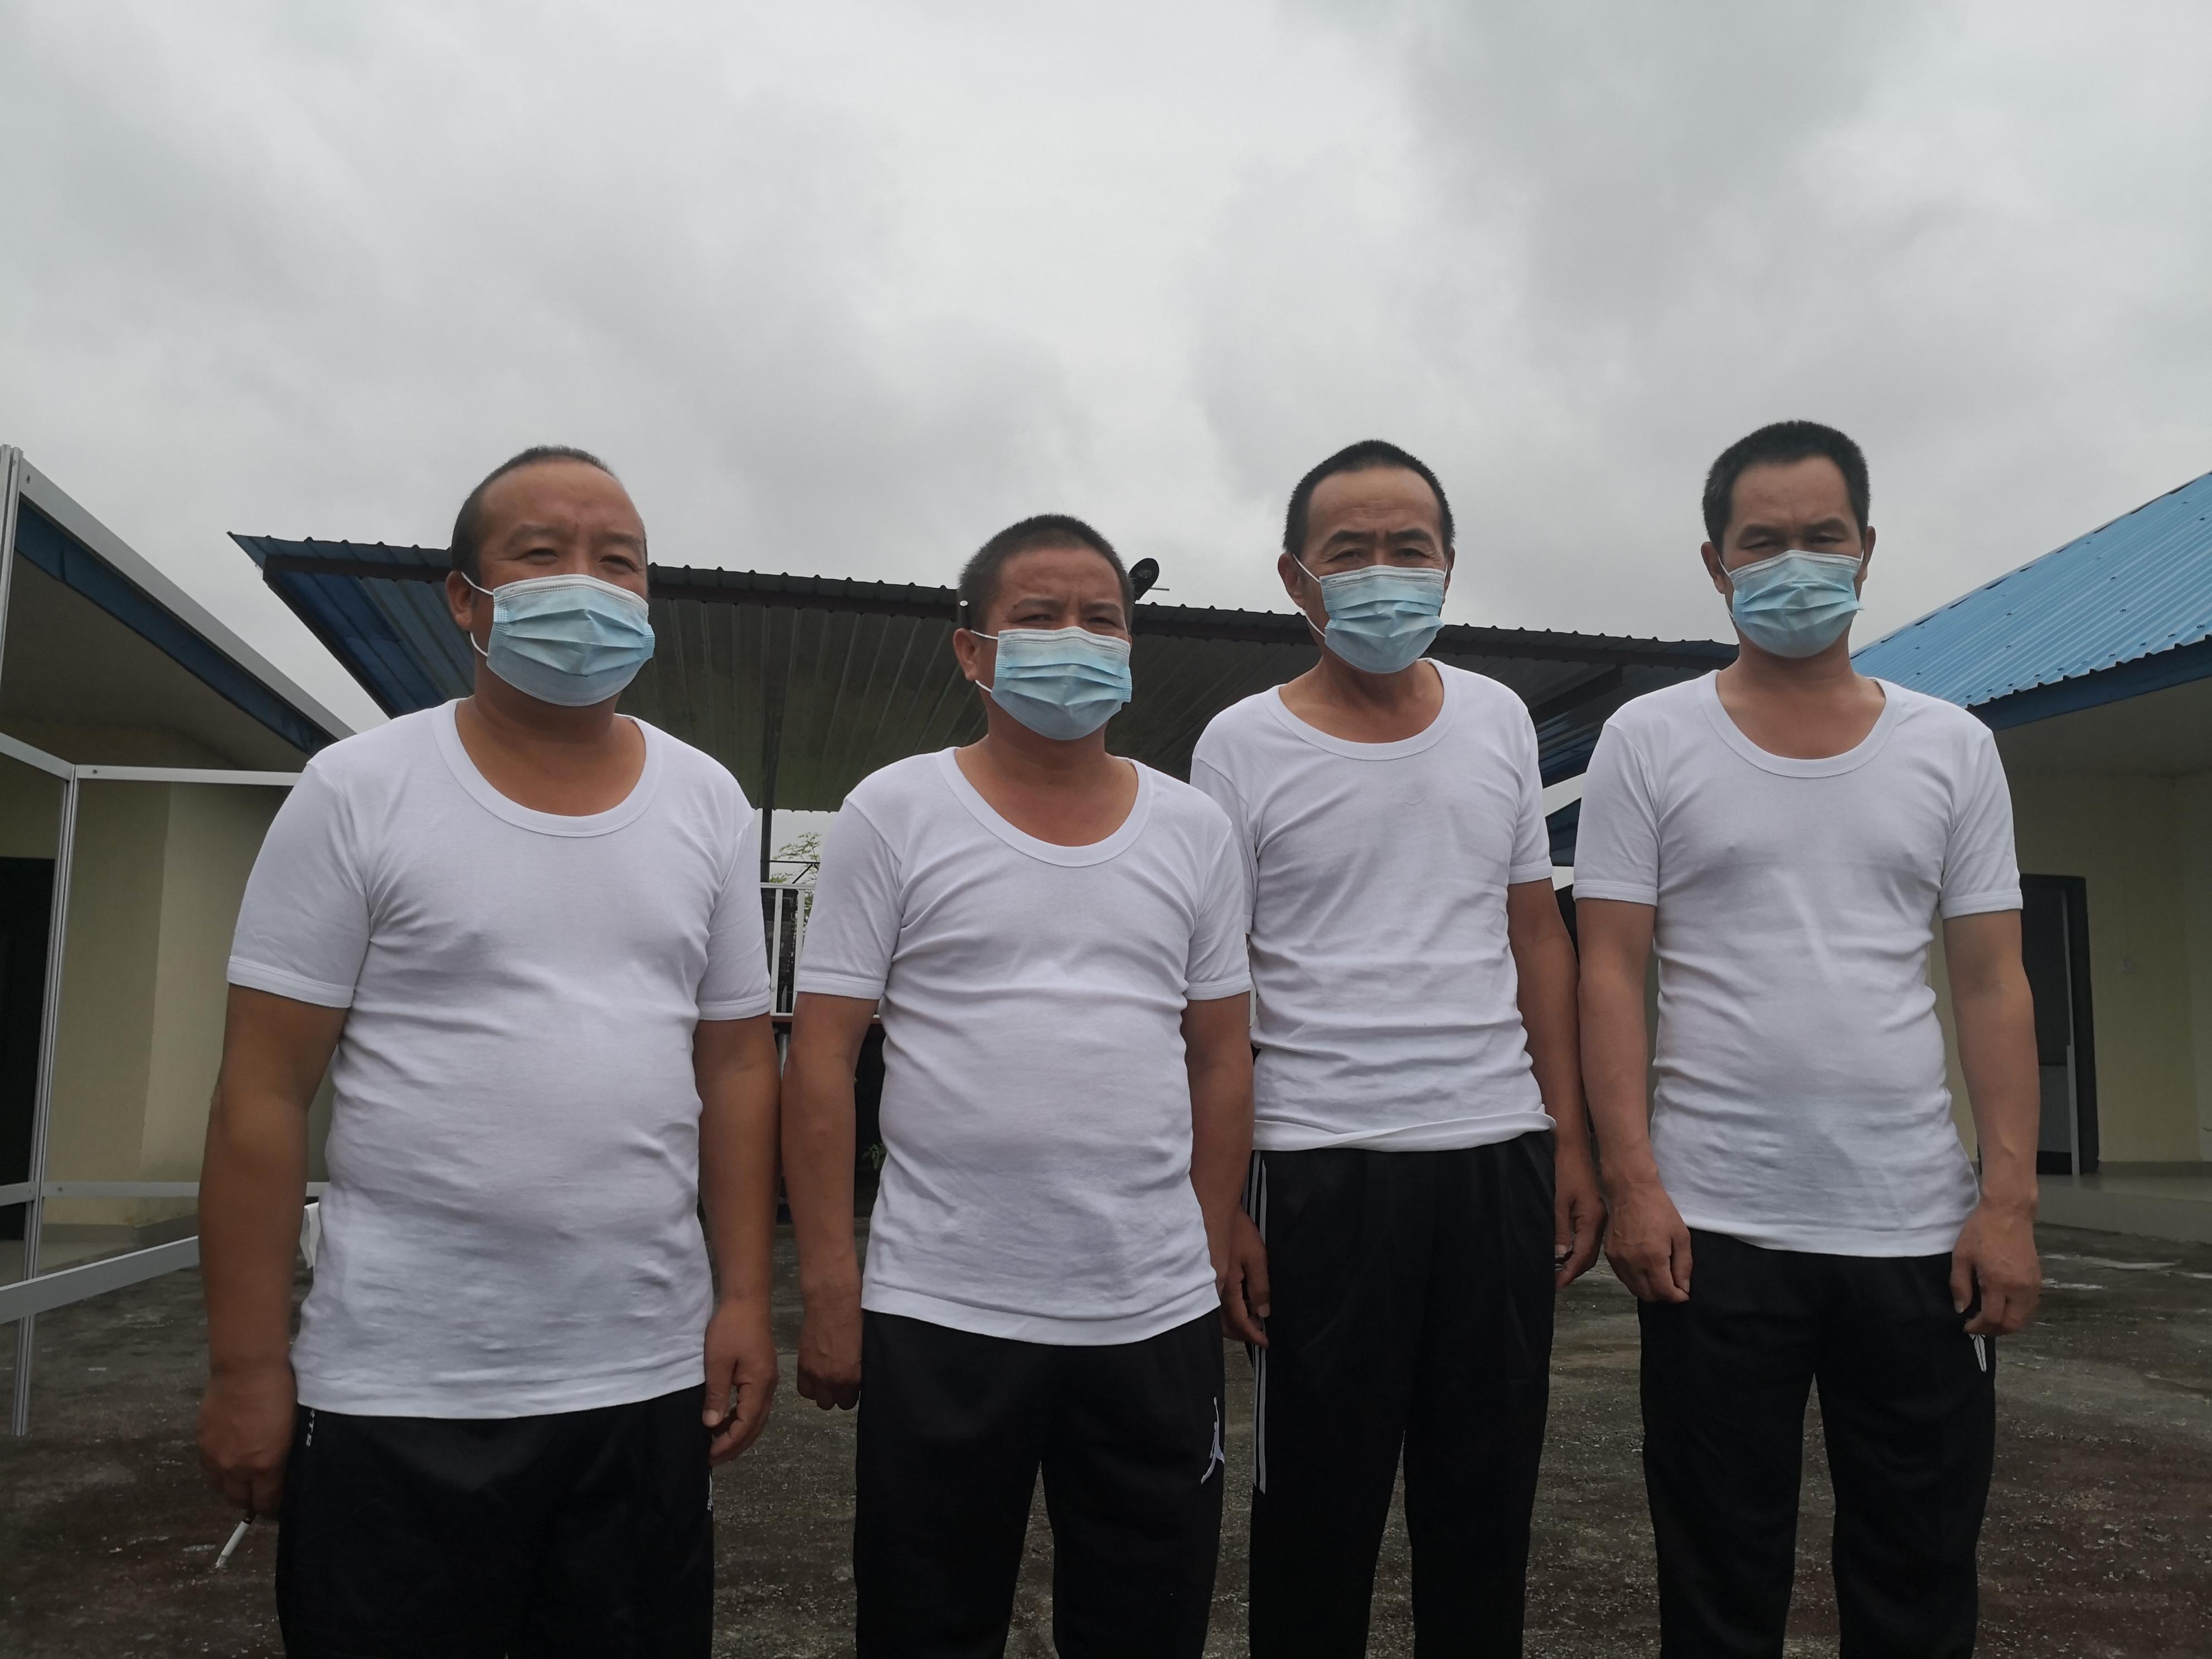 【衡阳网站优化】_尼日利亚4名遭绑架中国公民成功获救